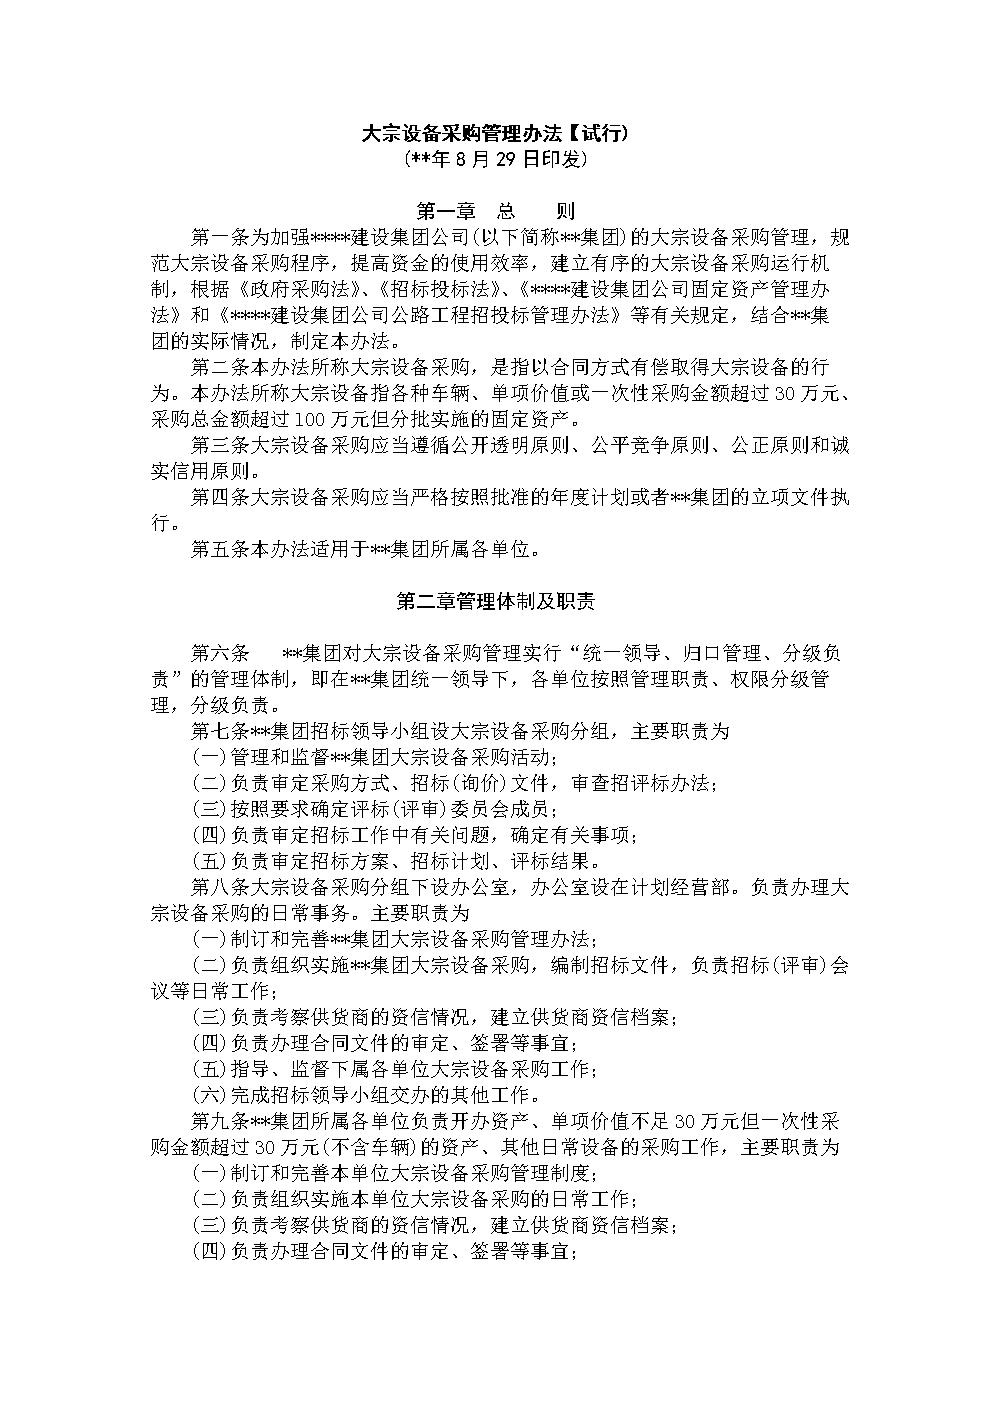 国有企业大宗设备采购管理办法【试行)模版.docx